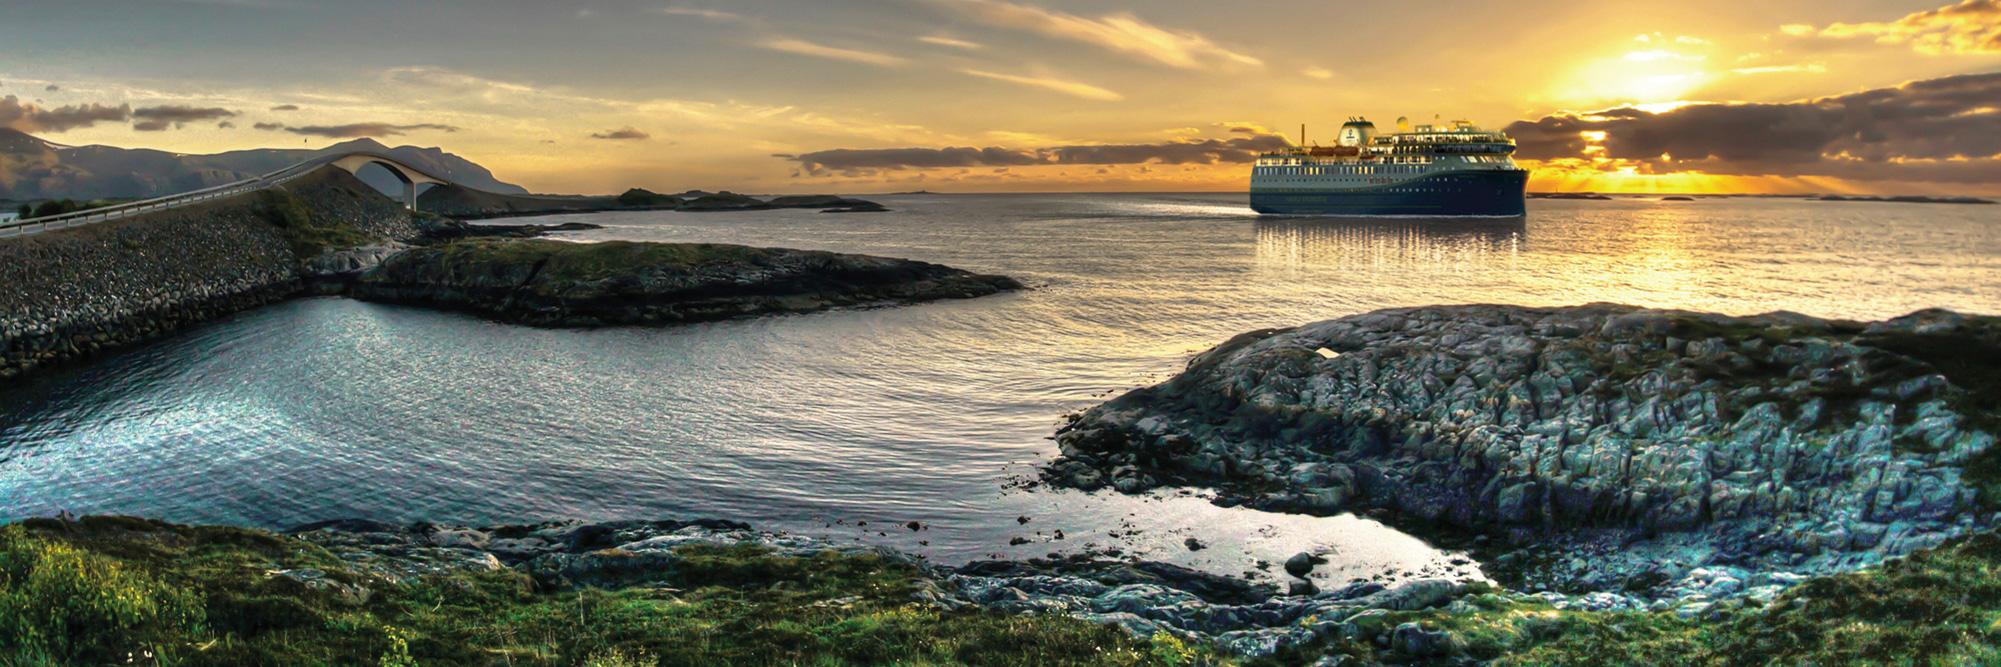 Atlantic-Ocean-Road_Havila-Voyages_SLIDER_RGB